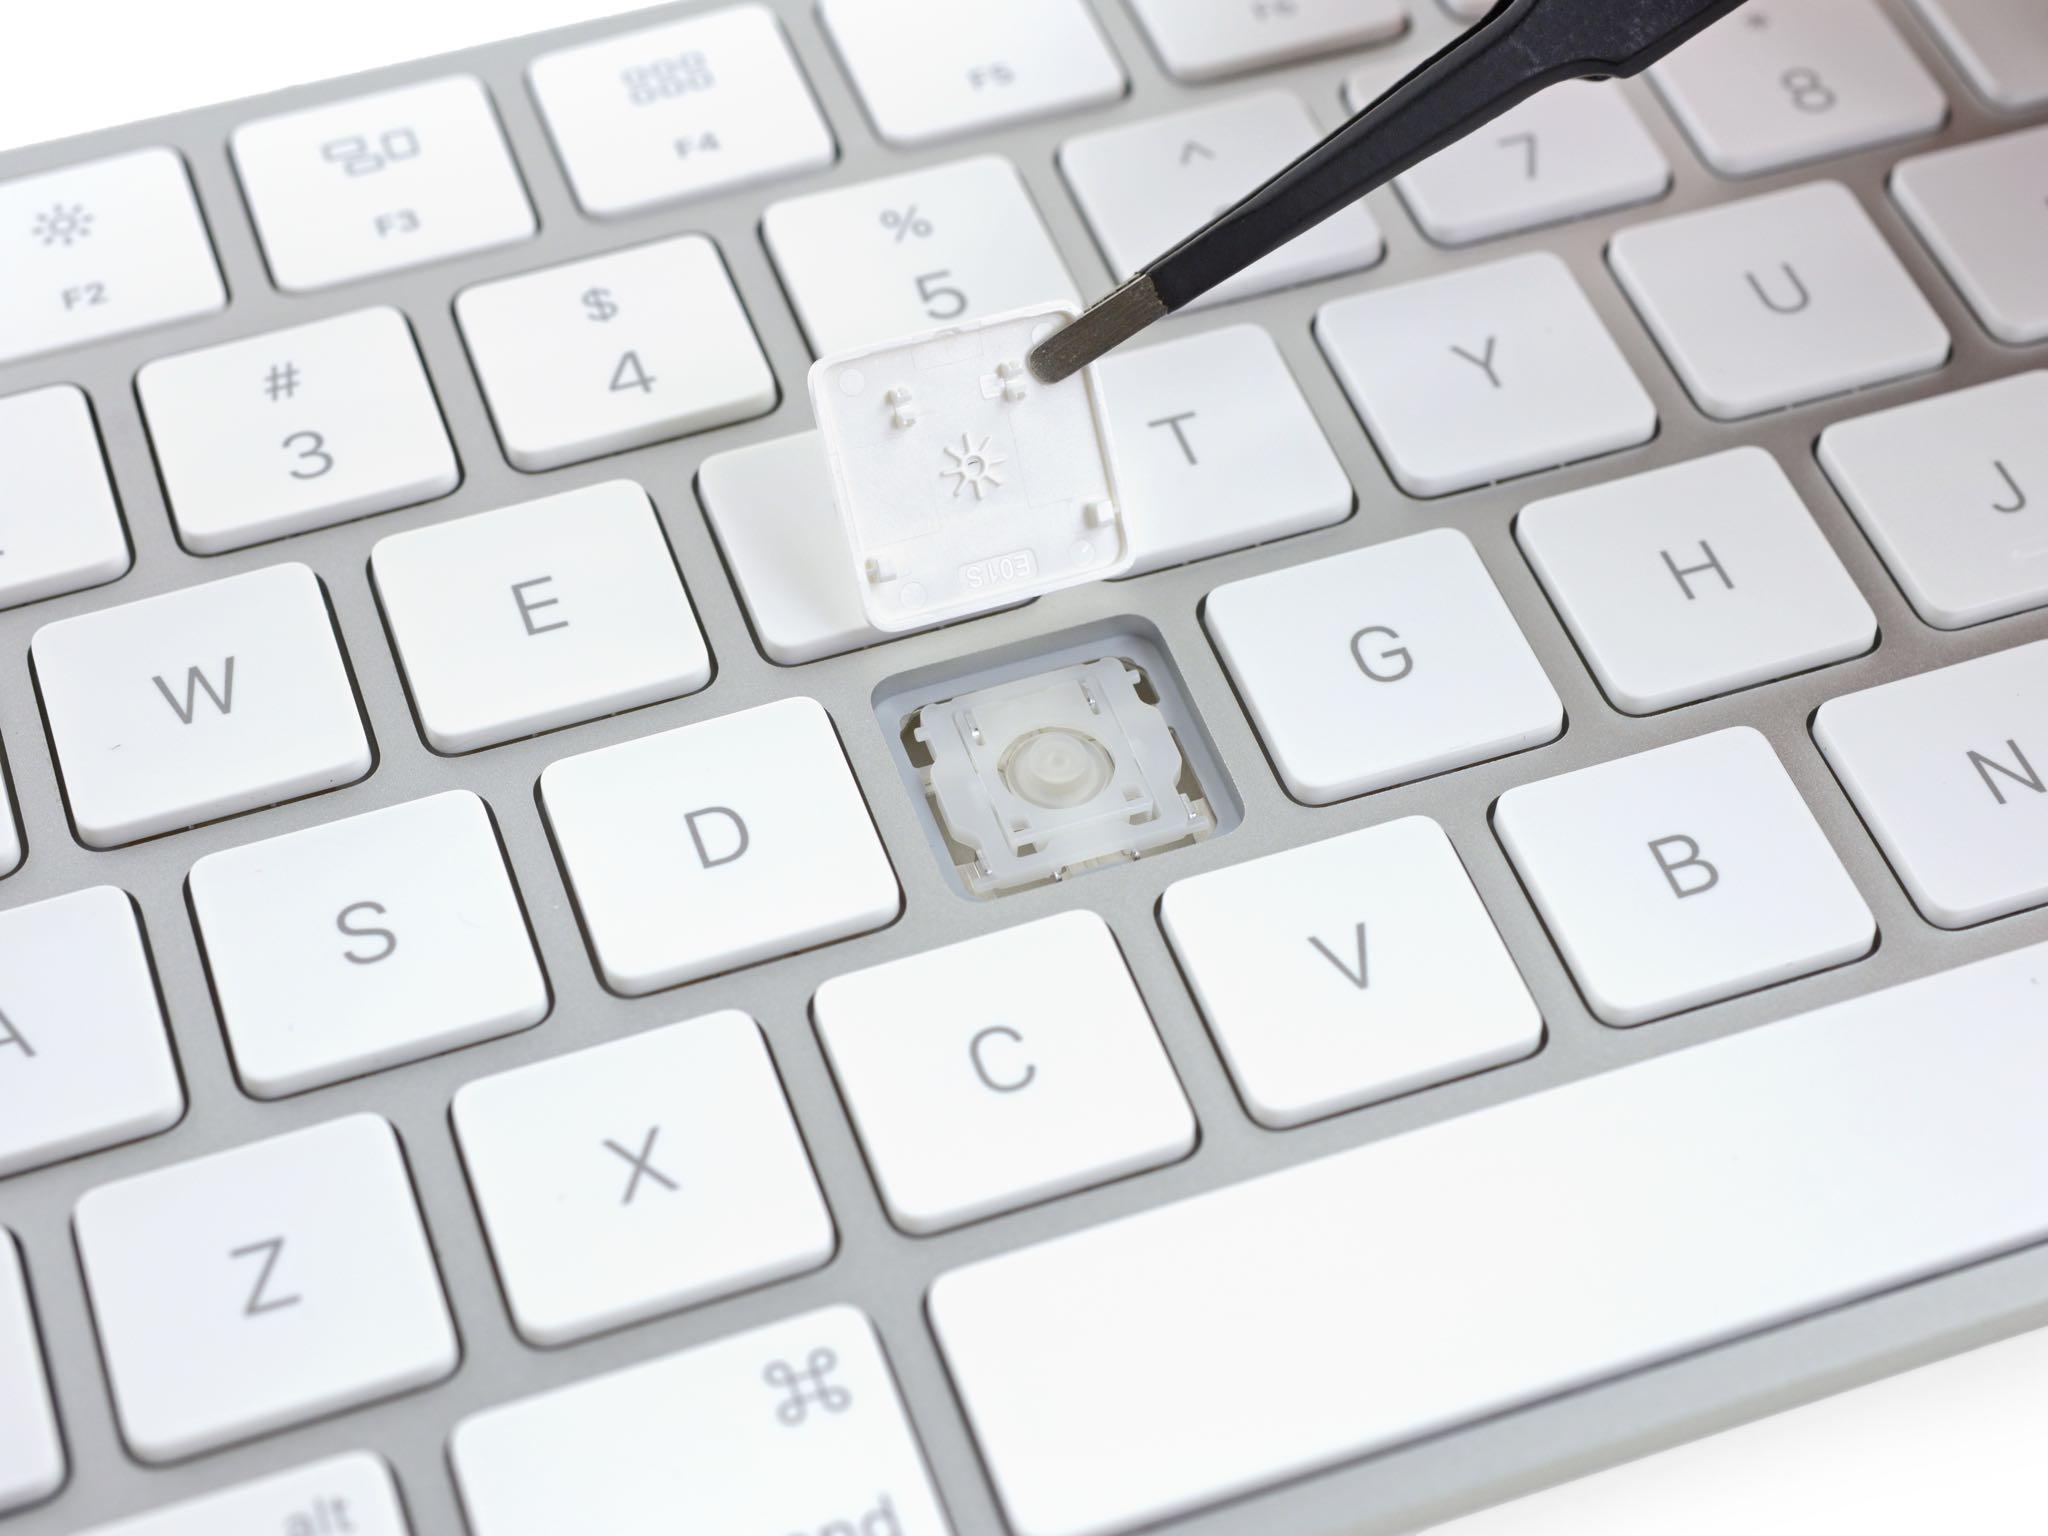 Magic Mouse Keyboard teardown iFixit 005